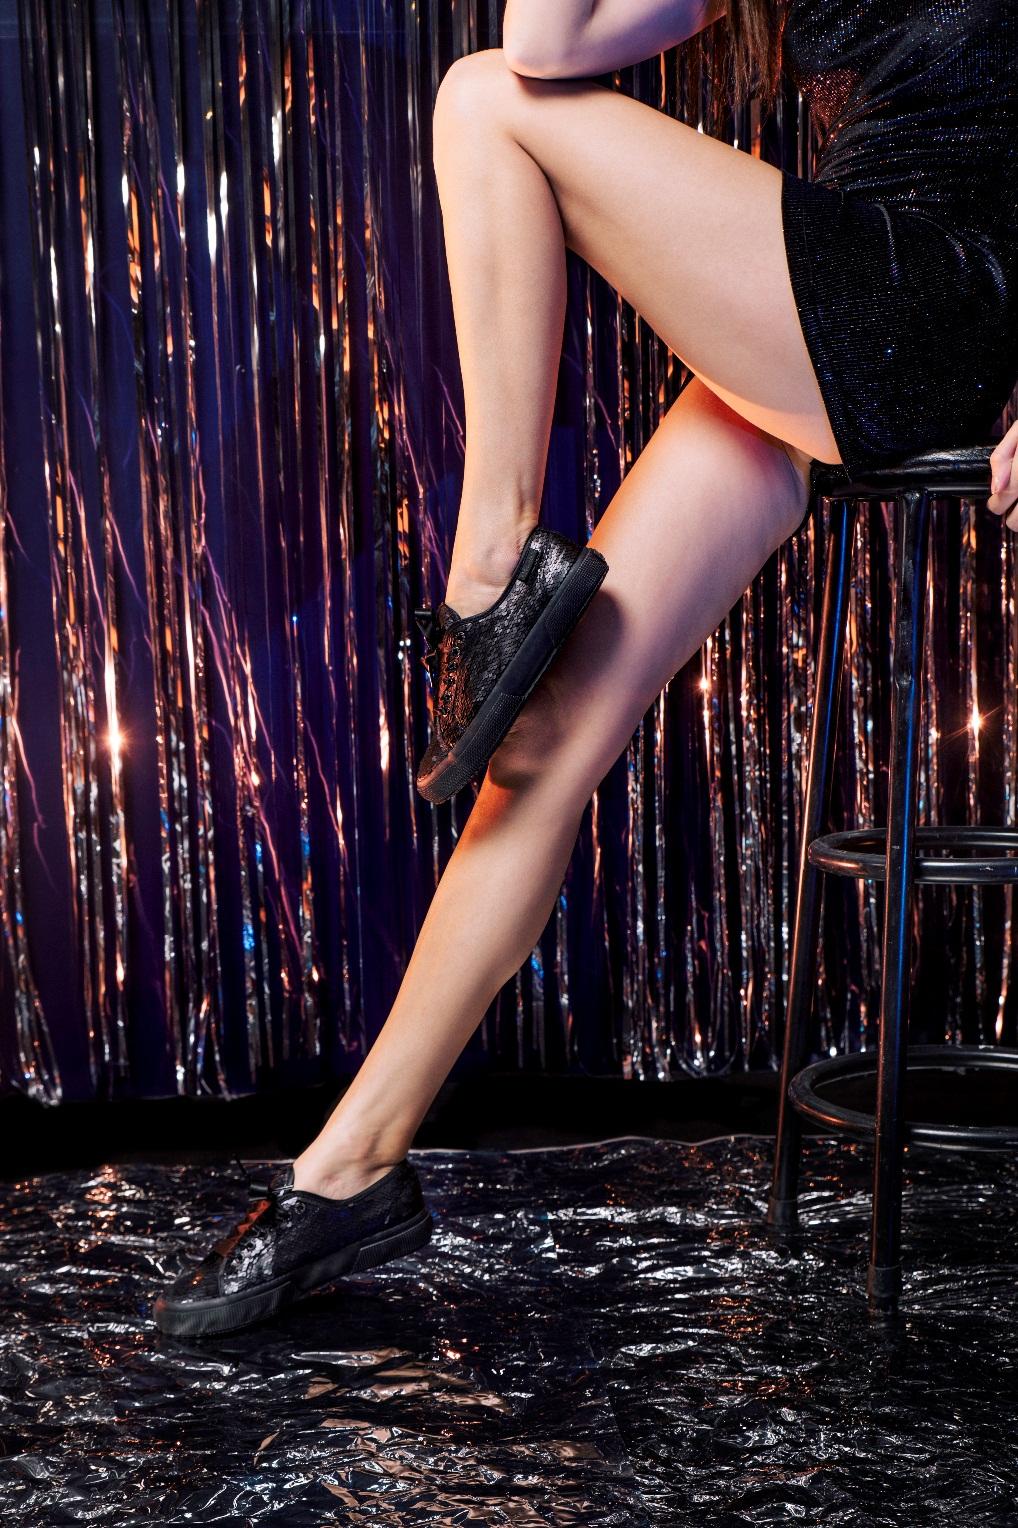 BST Thu Đông giày Superga 2750: Khi thời trang là những bước chân tự do - Ảnh 7.